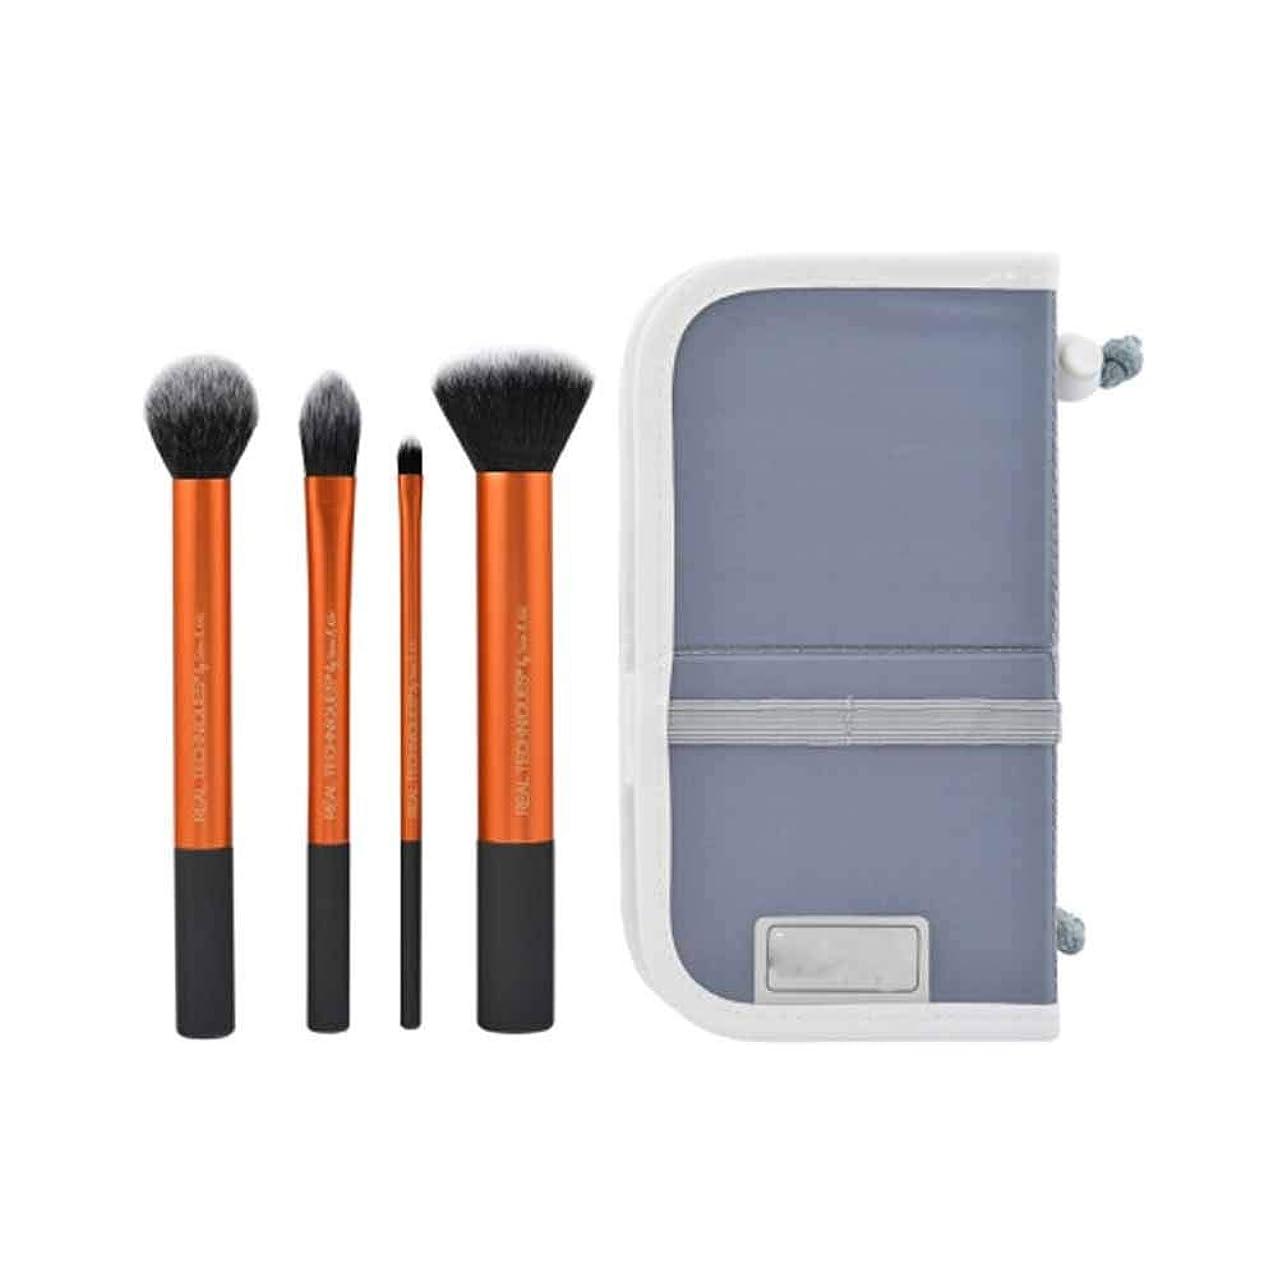 時制パトロン接続されたBoyuanweiye001 化粧ブラシ、化粧化粧ブラシセット、輪郭ブラシリップブラシ、散布ブラシ、赤面ブラシ、4個セット,ソフトで耐久性 (Color : Orange)